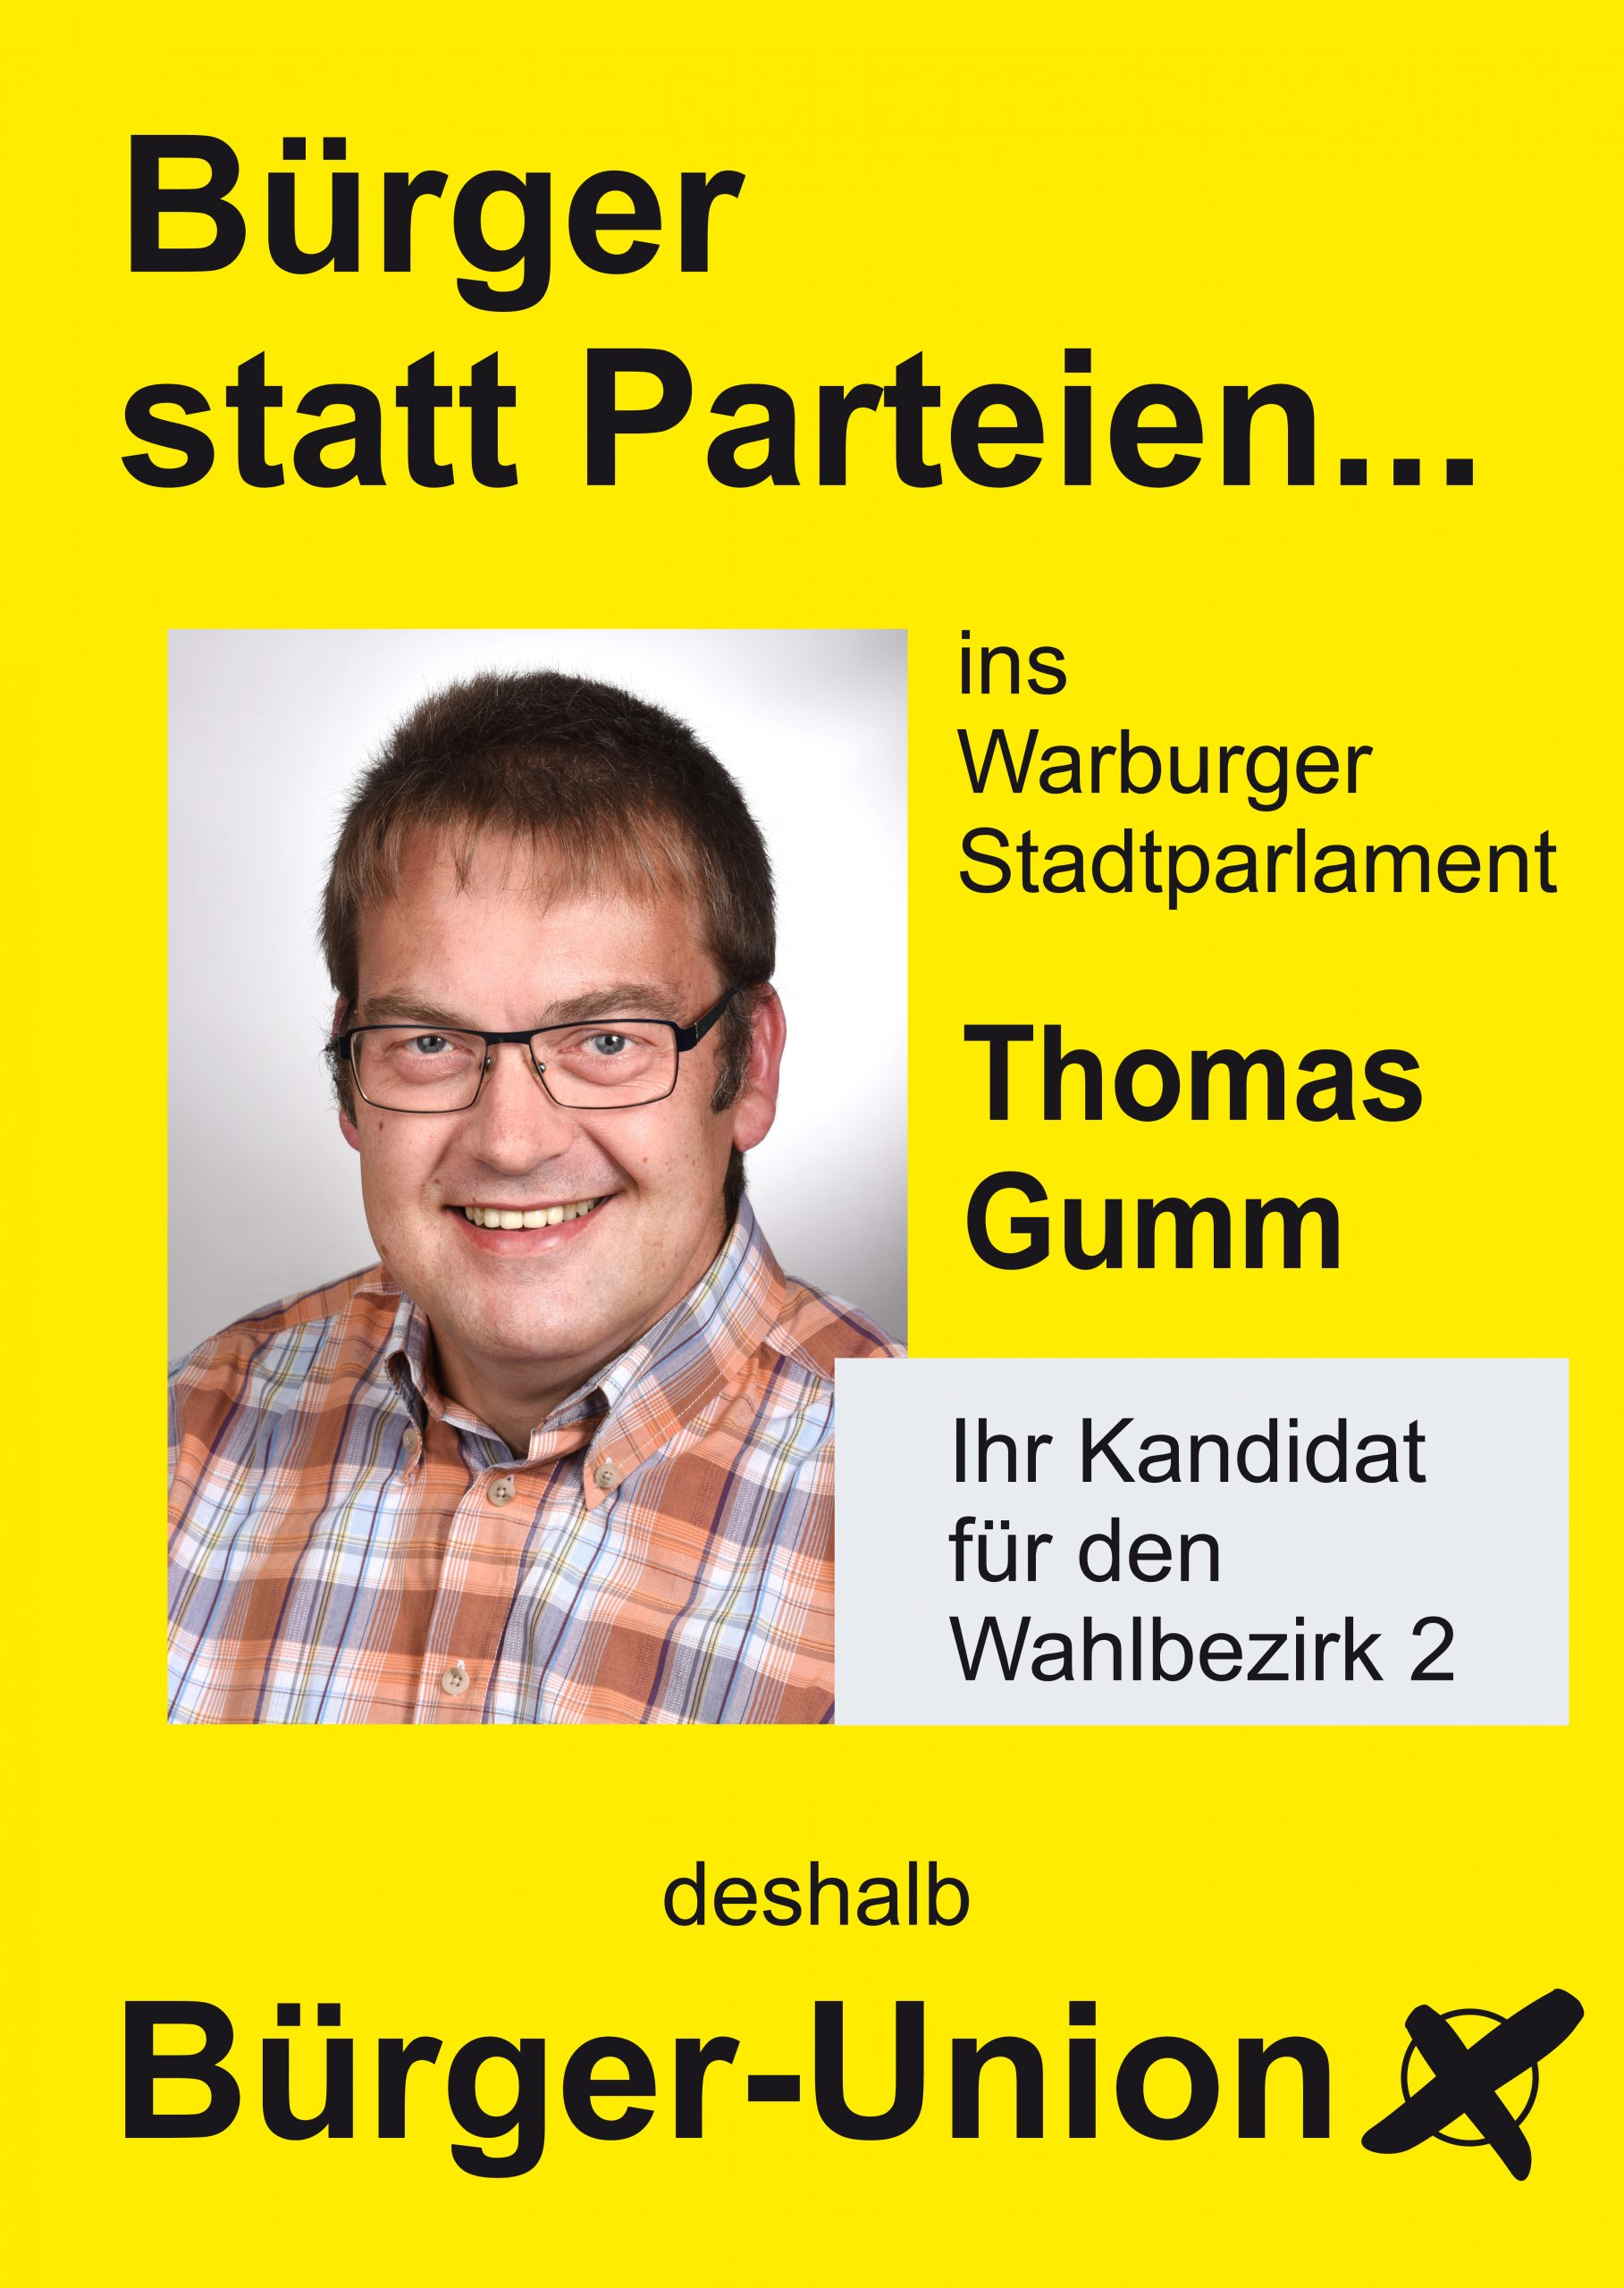 Hansestadt Warburg: Wahlbezirk 2